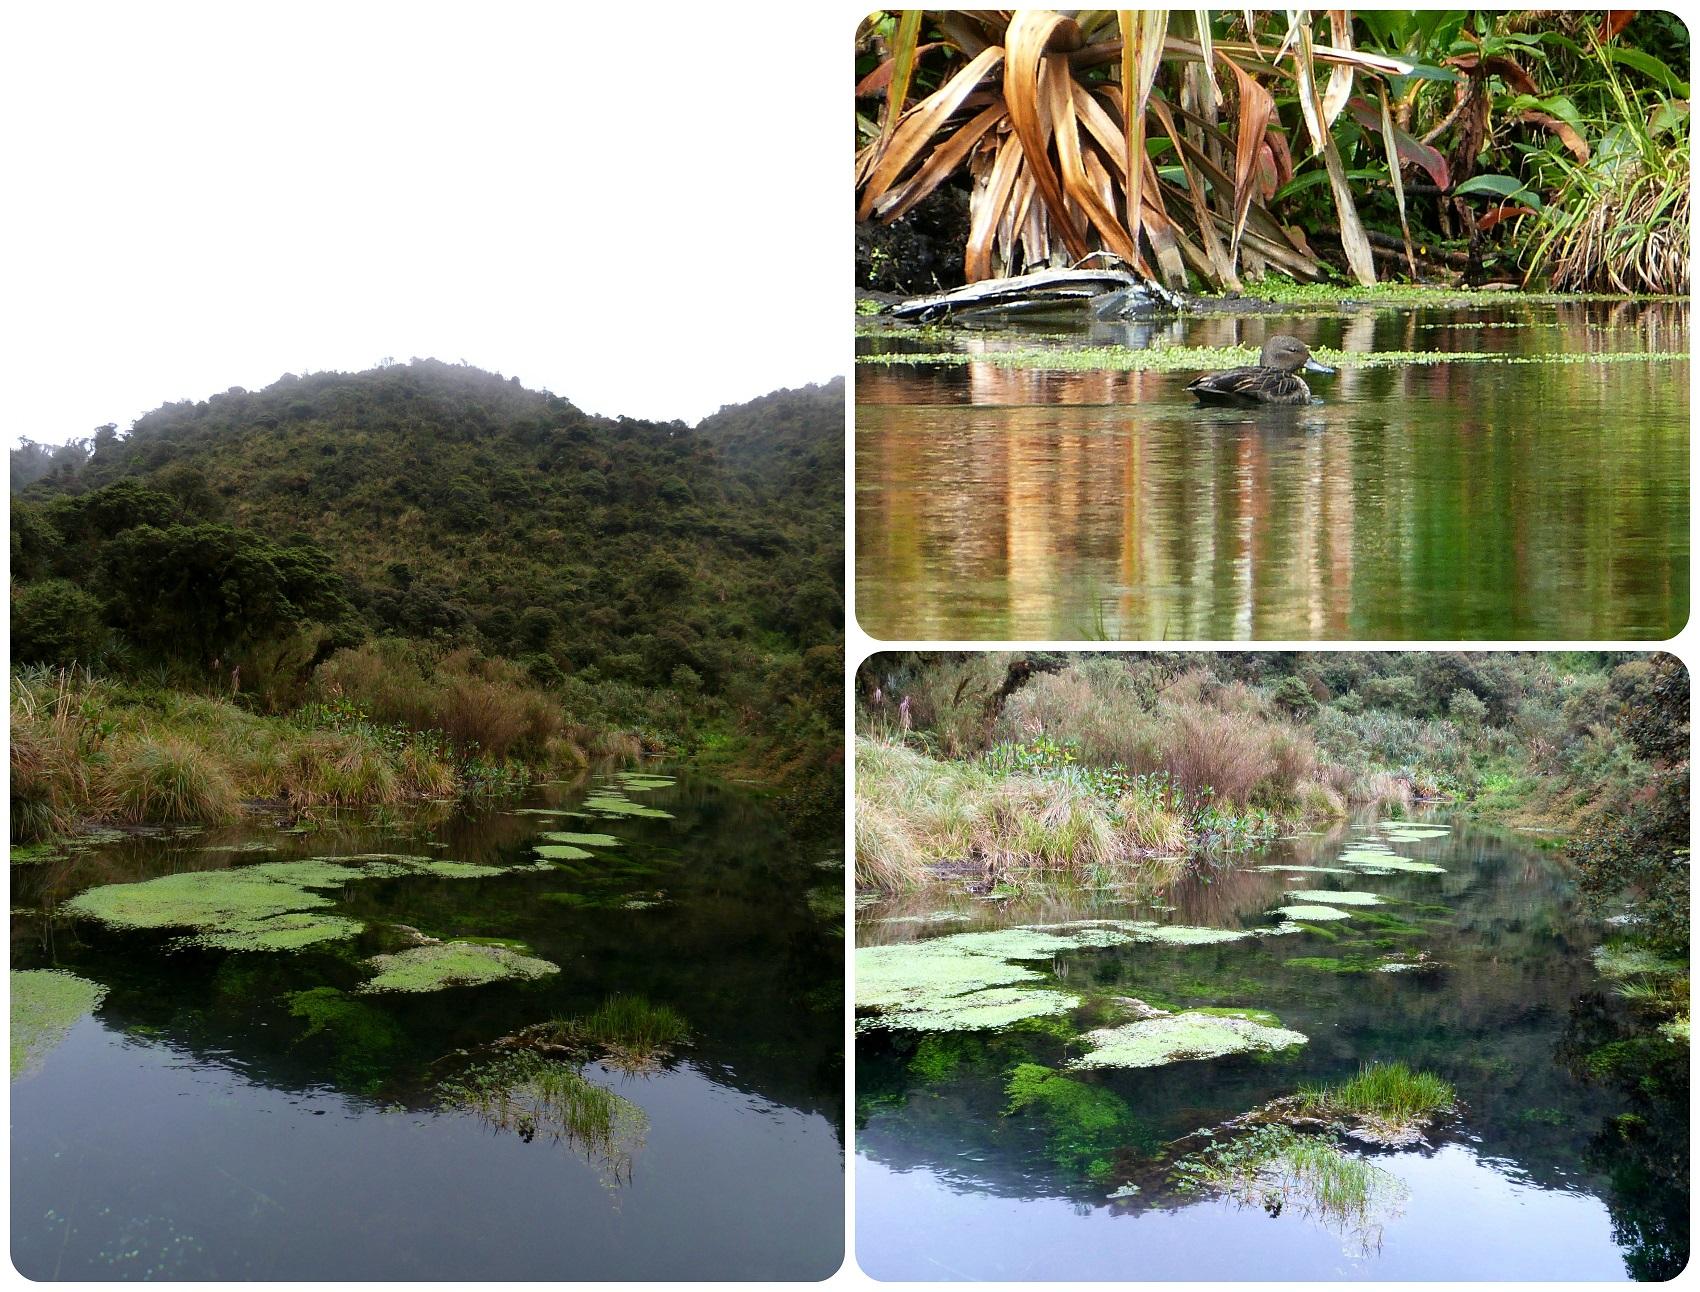 cours d'eau au Parc naturel Puracé